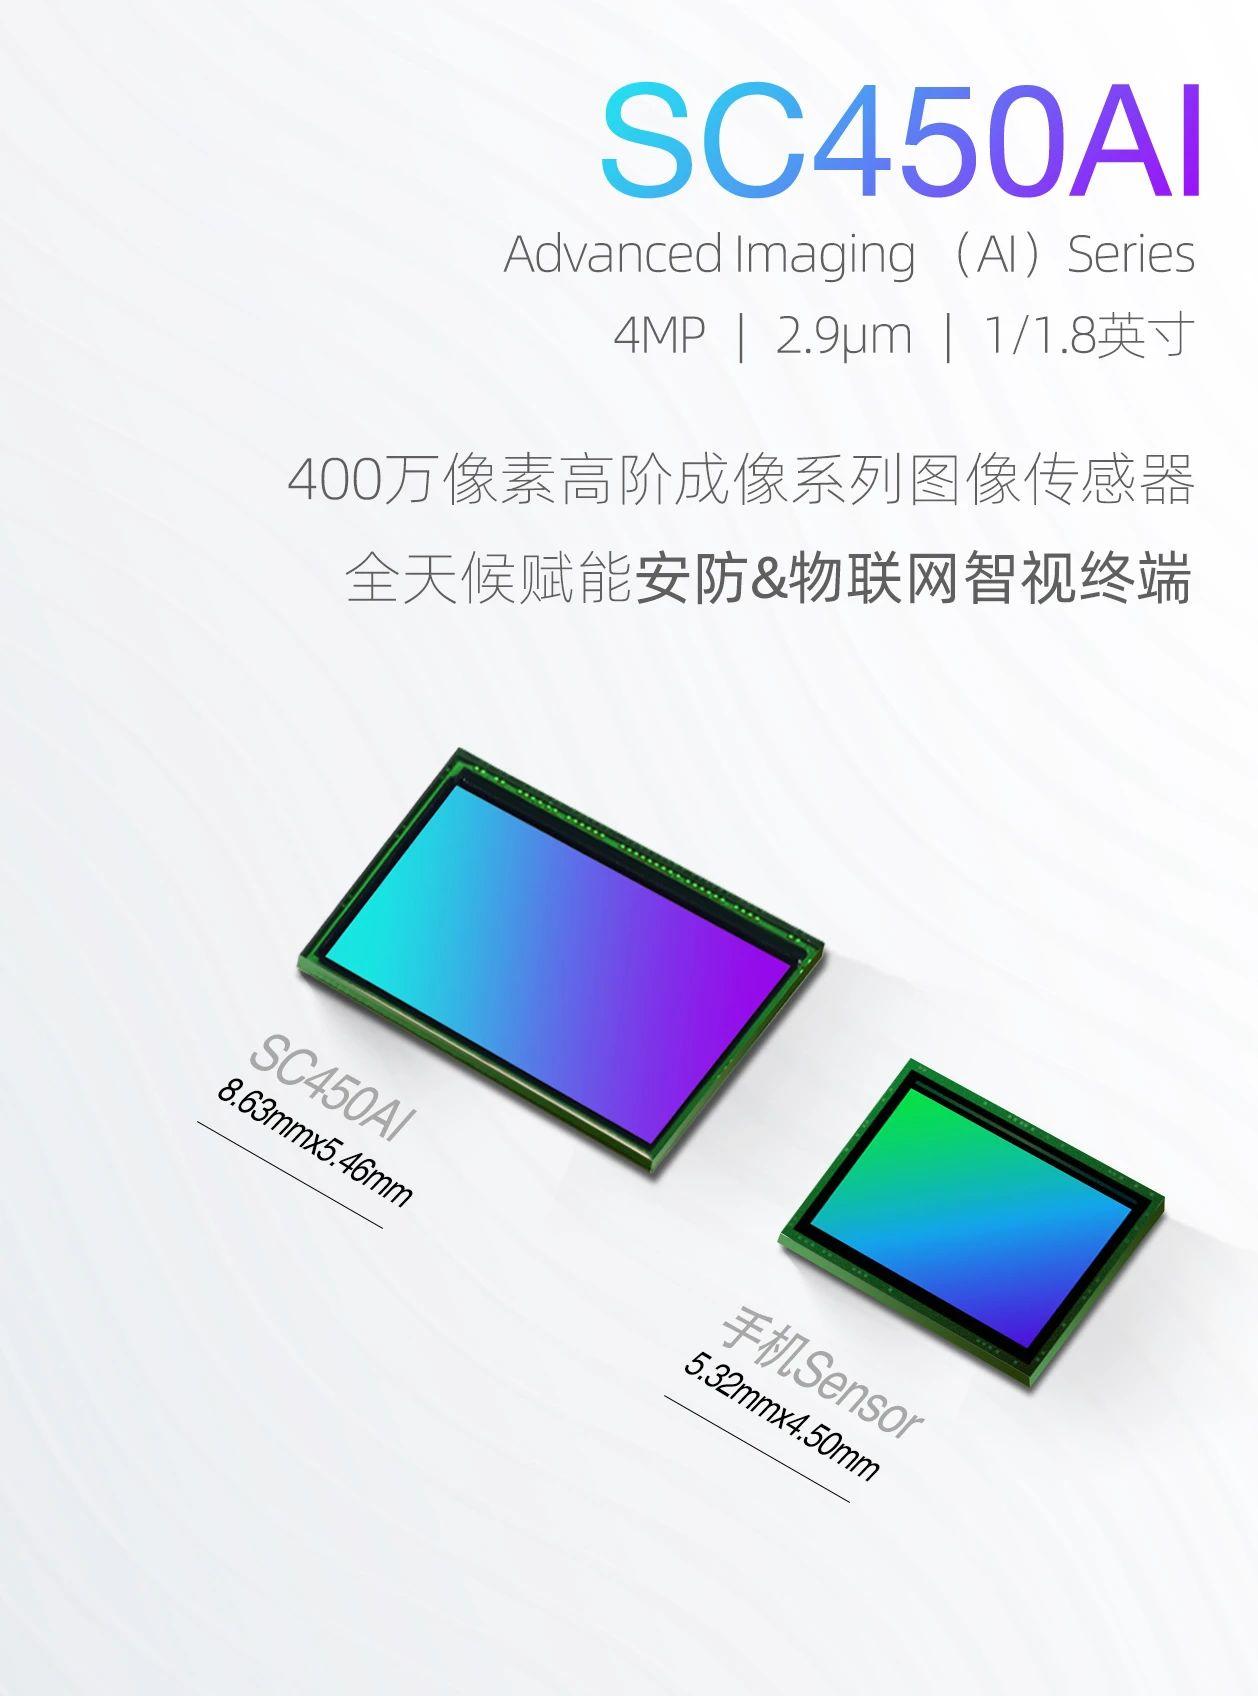 思特威推出高阶成像系列4MP新品SC450AI,赋能全天候AI相机应用